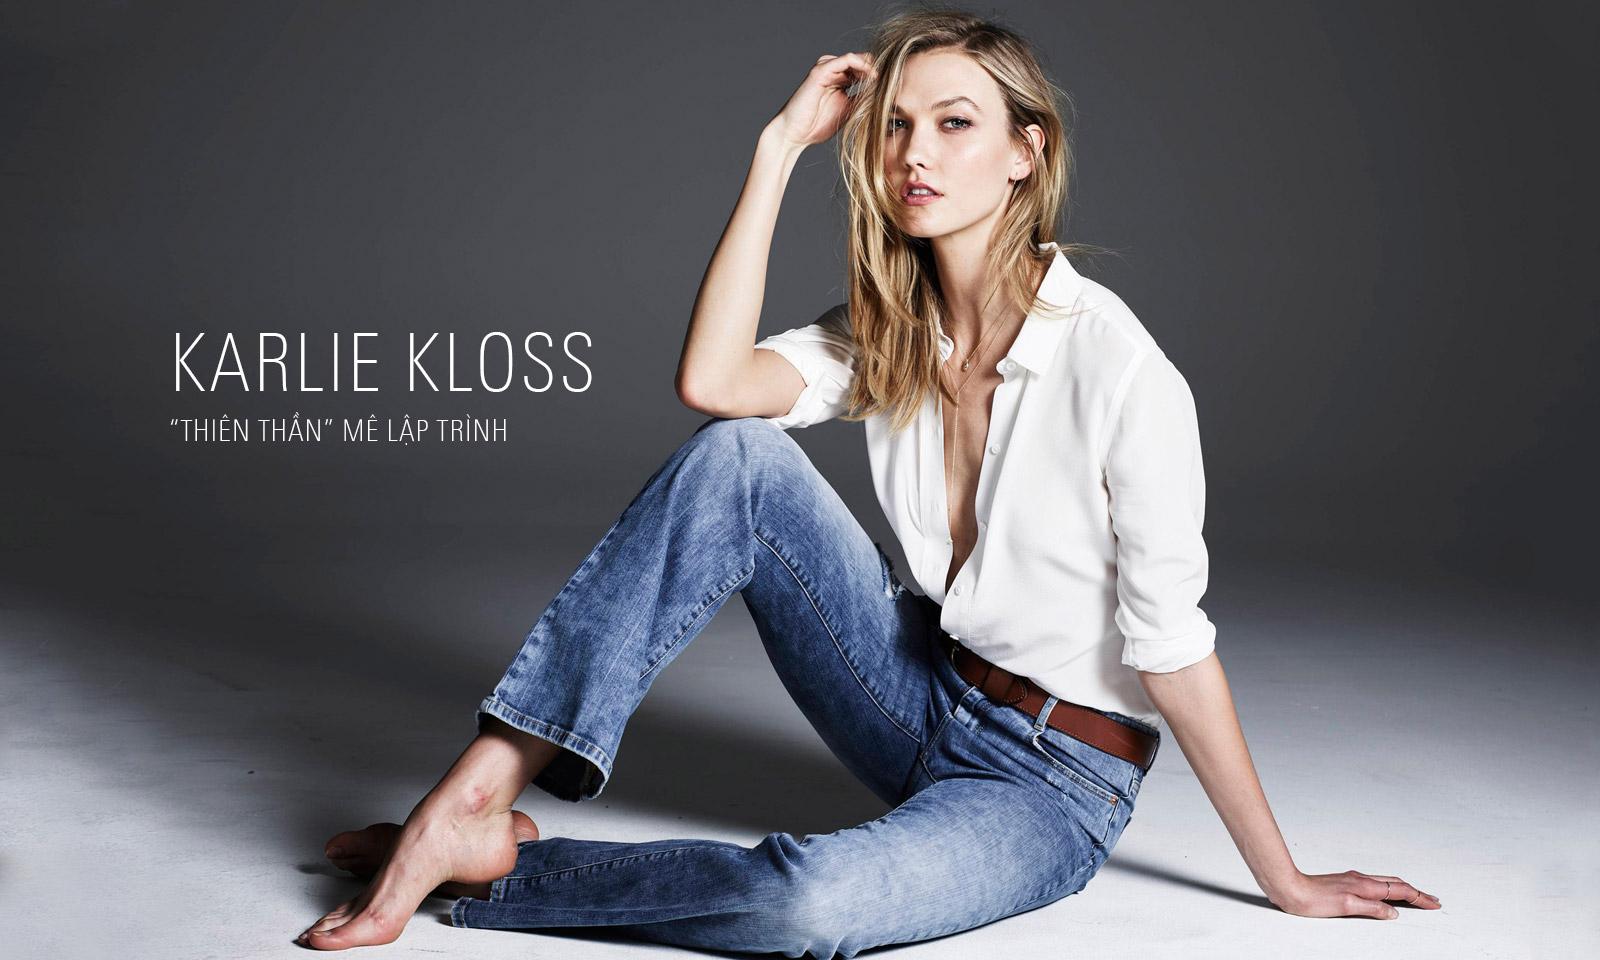 """Karlie Kloss: """"Thiên thần"""" mê lập trình"""